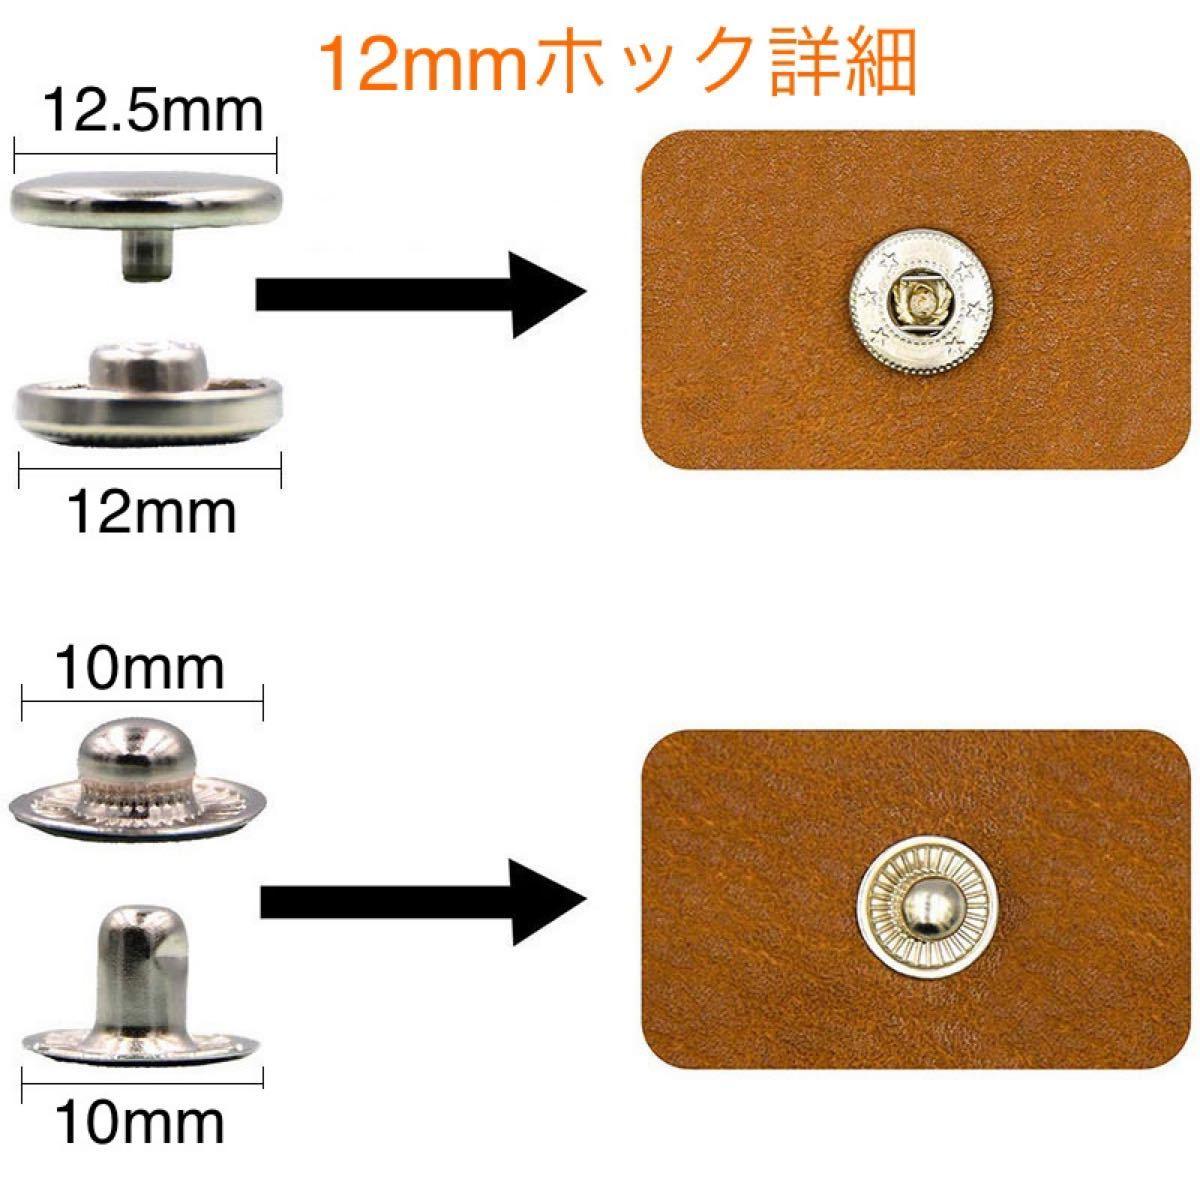 レザークラフト 真鍮製バネホック12mm6色150組 手芸ハンドメイド工具ケース付き